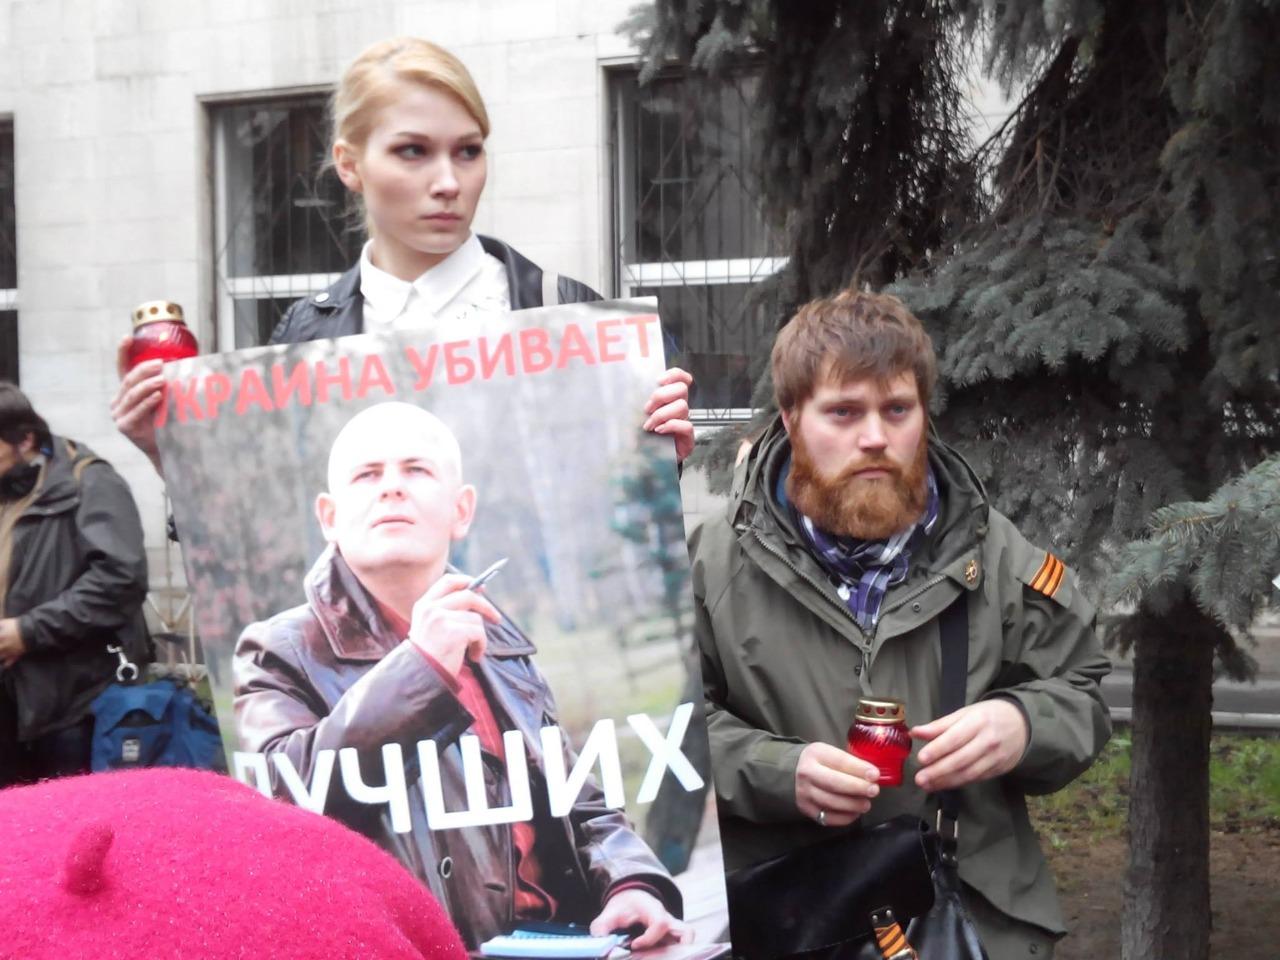 Митинг памяти погибших в Украине журналистов и политиков 18 апреля 2015 г. Участники собрания принесли фотографии Олеся Бузины и Олега Калашникова, возложили цветы и зажгли свечи